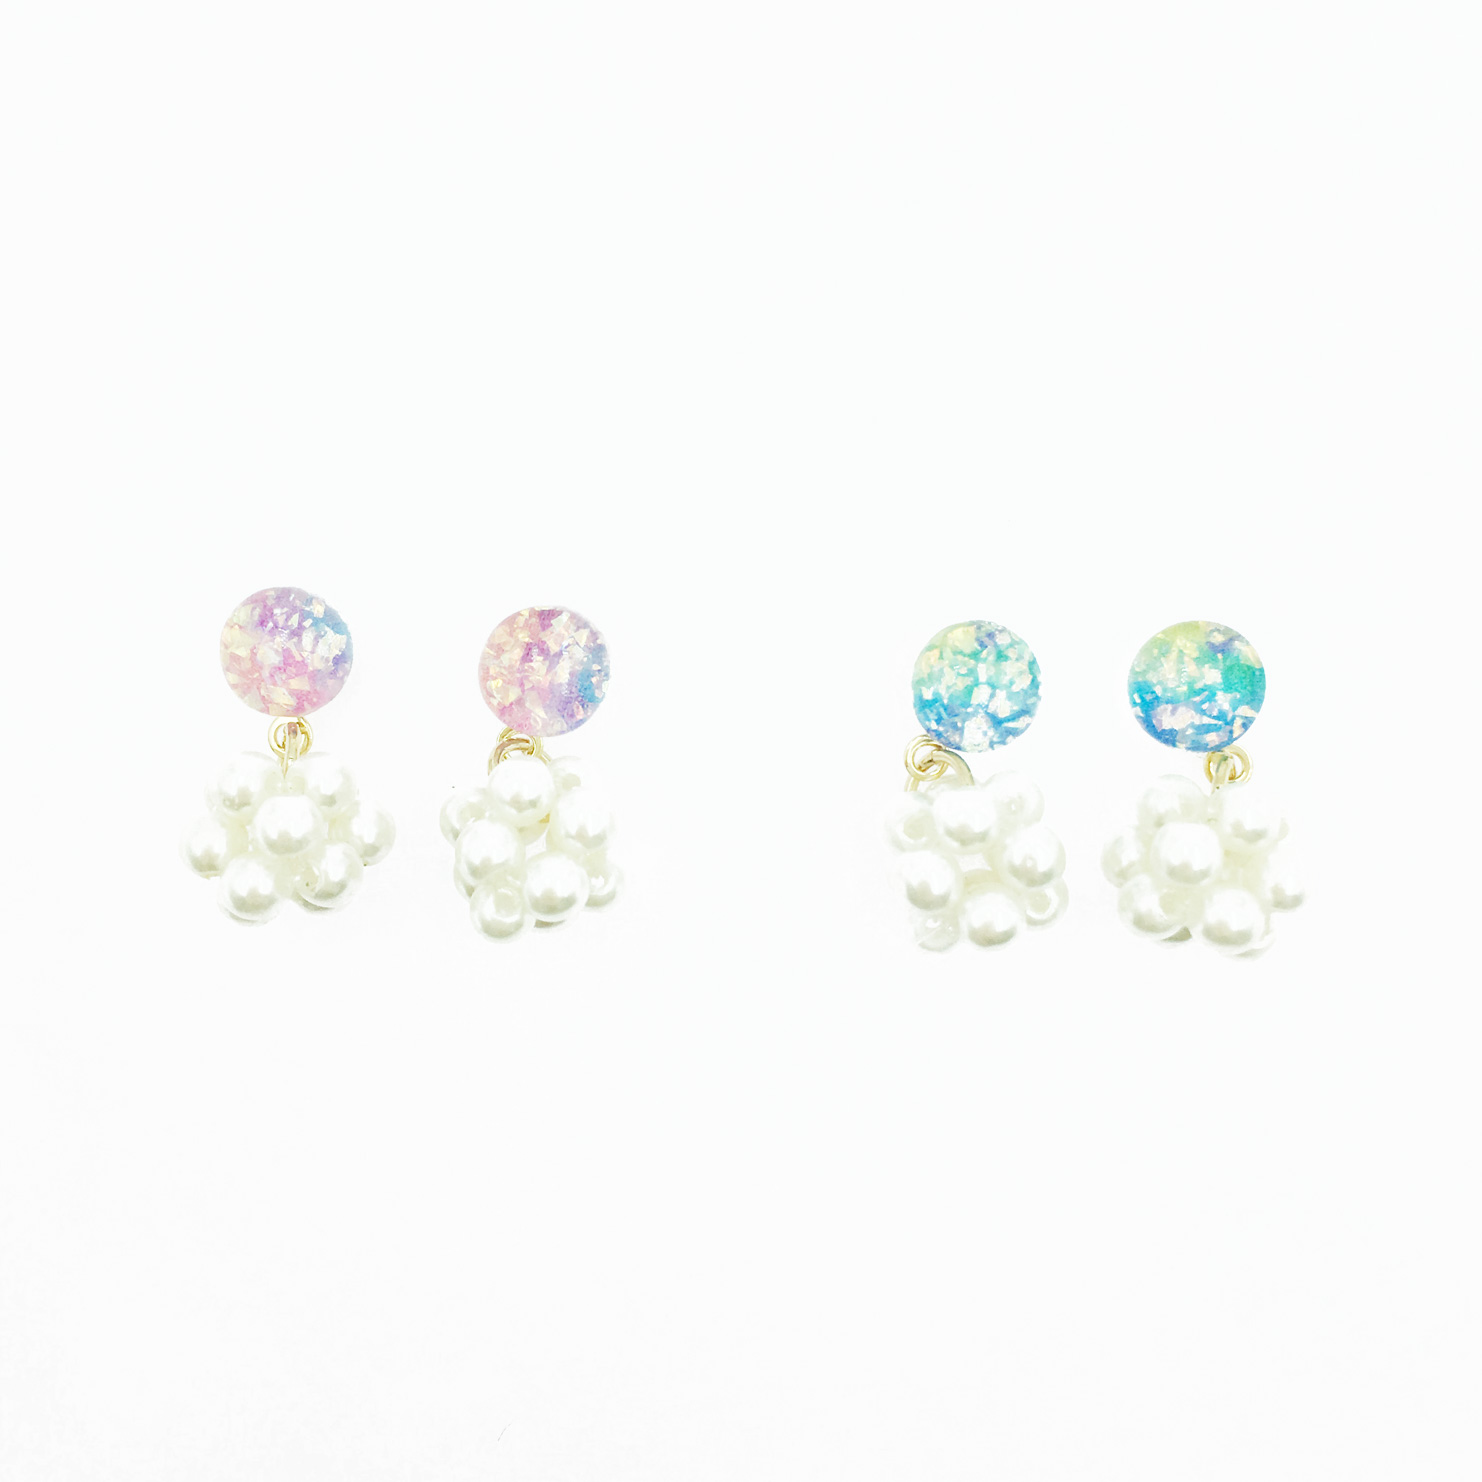 韓國 珍珠 立體球 亮彩透明圓 2色 垂墜感耳針式耳環